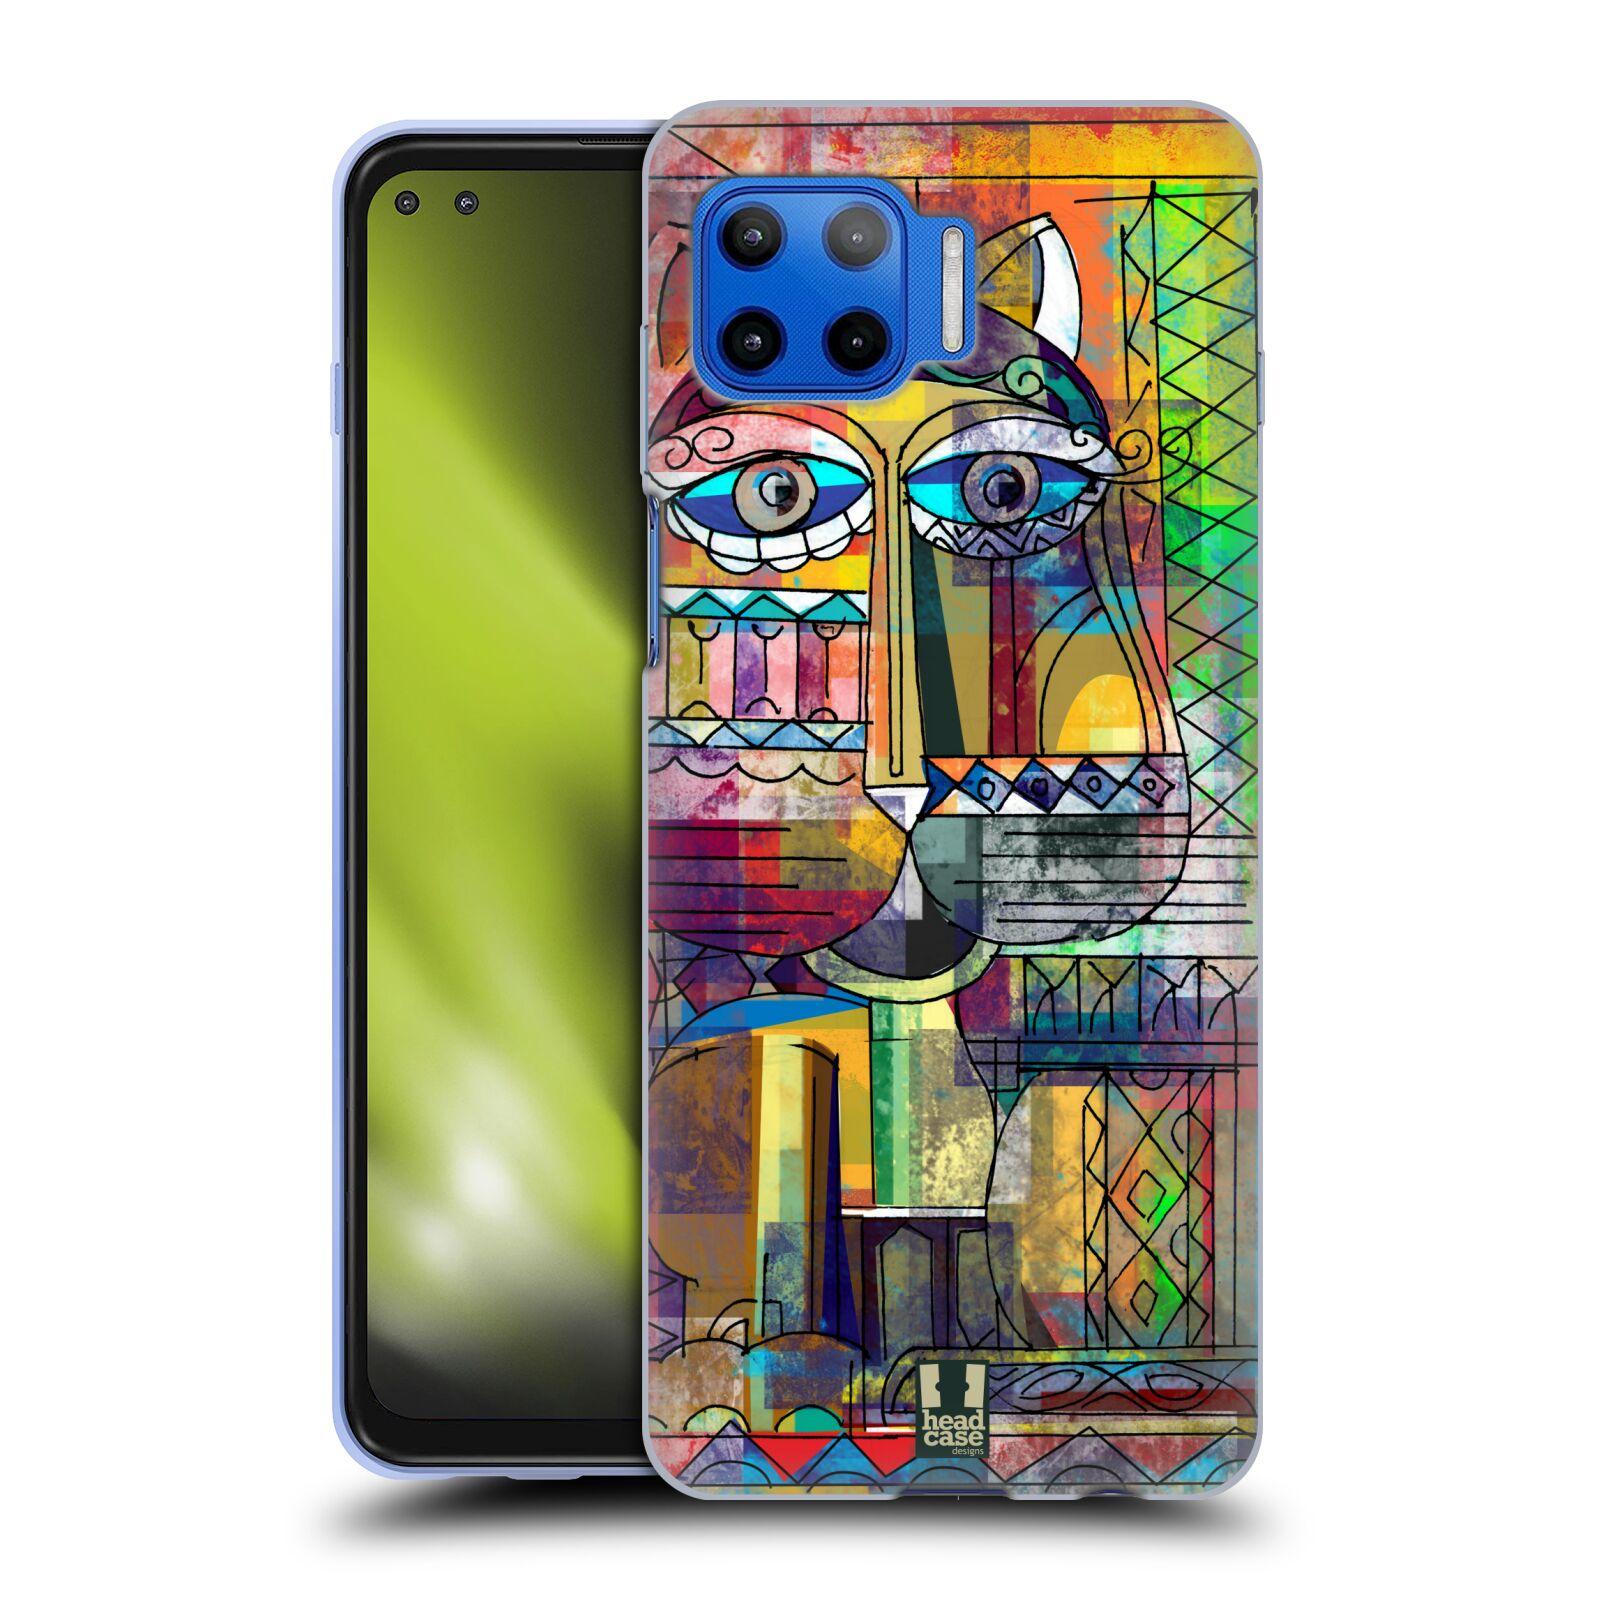 Silikonové pouzdro na mobil Motorola Moto G 5G Plus - Head Case - AZTEC KORAT